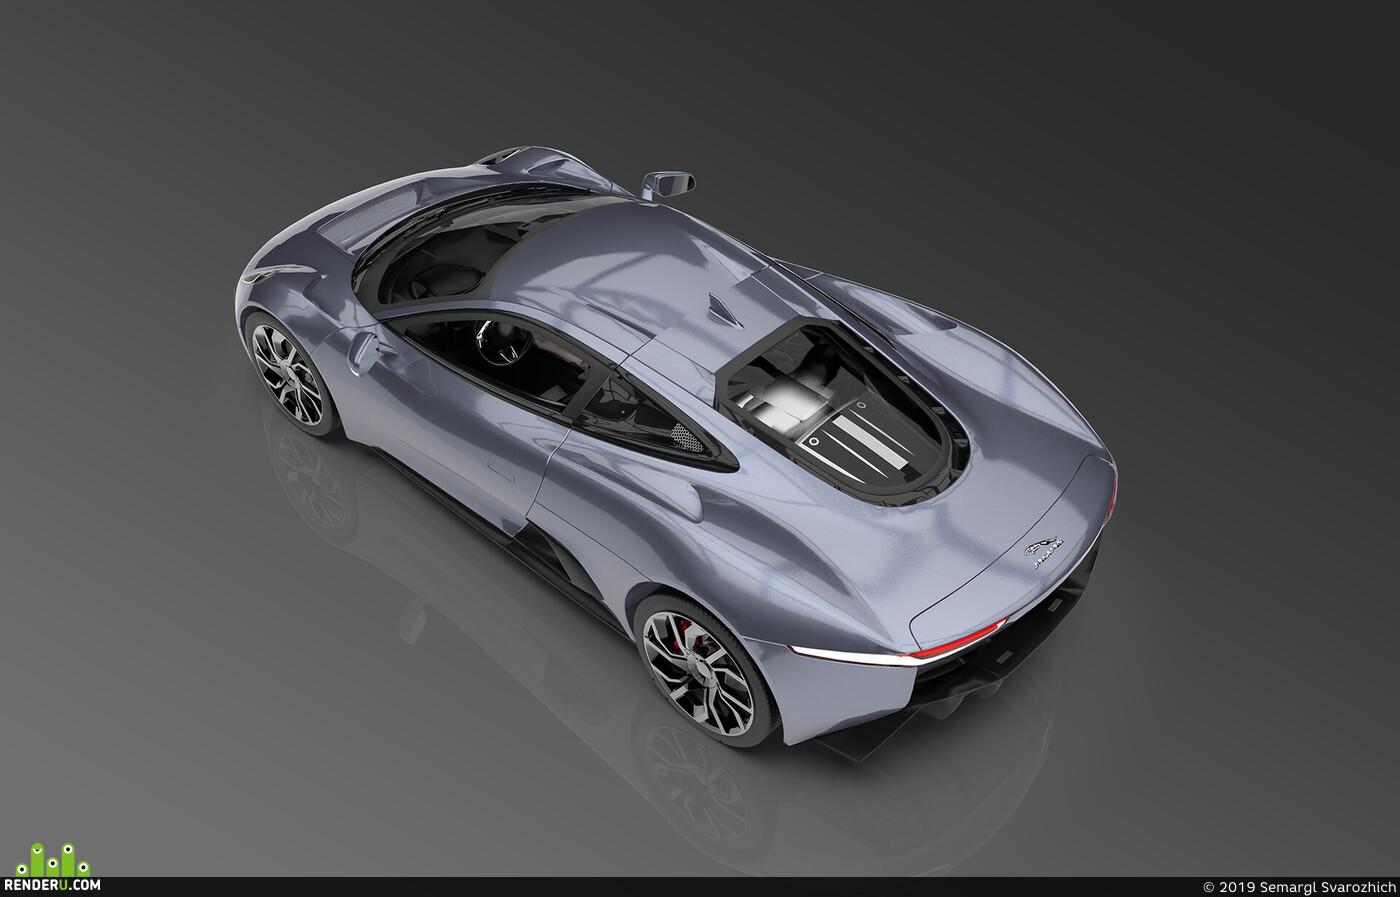 концепт, концепт кар, спорткар, транспорт, Моделирование, 3д моделирование